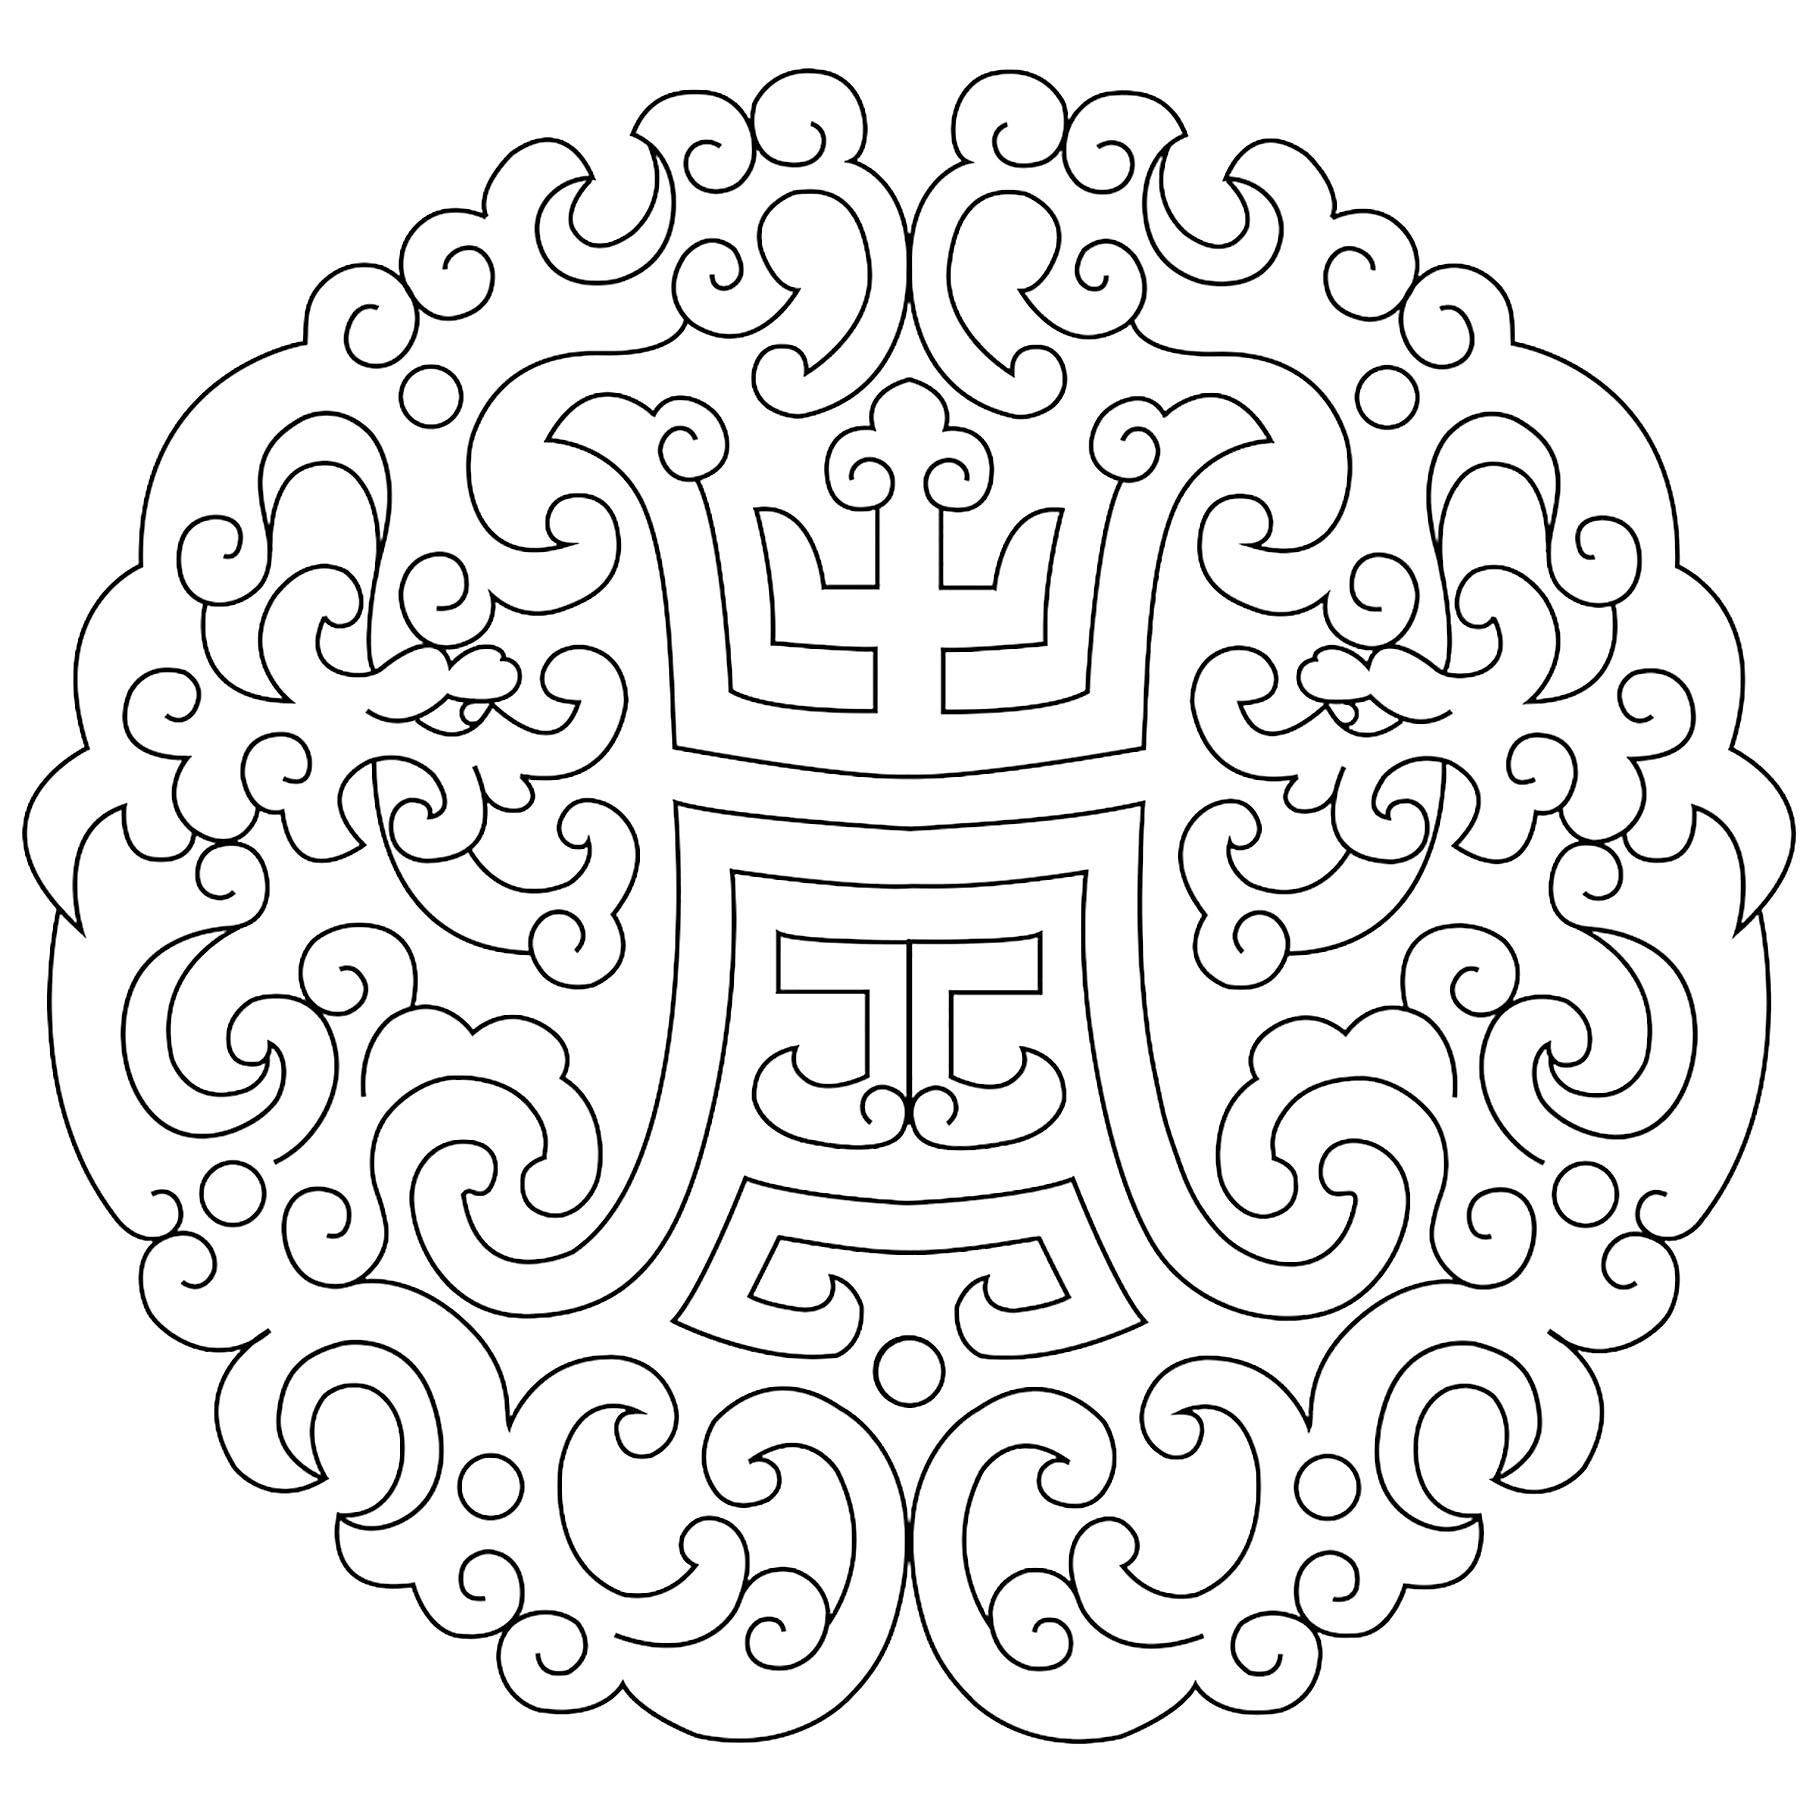 Un Mandala totalement lié au style graphique chinois